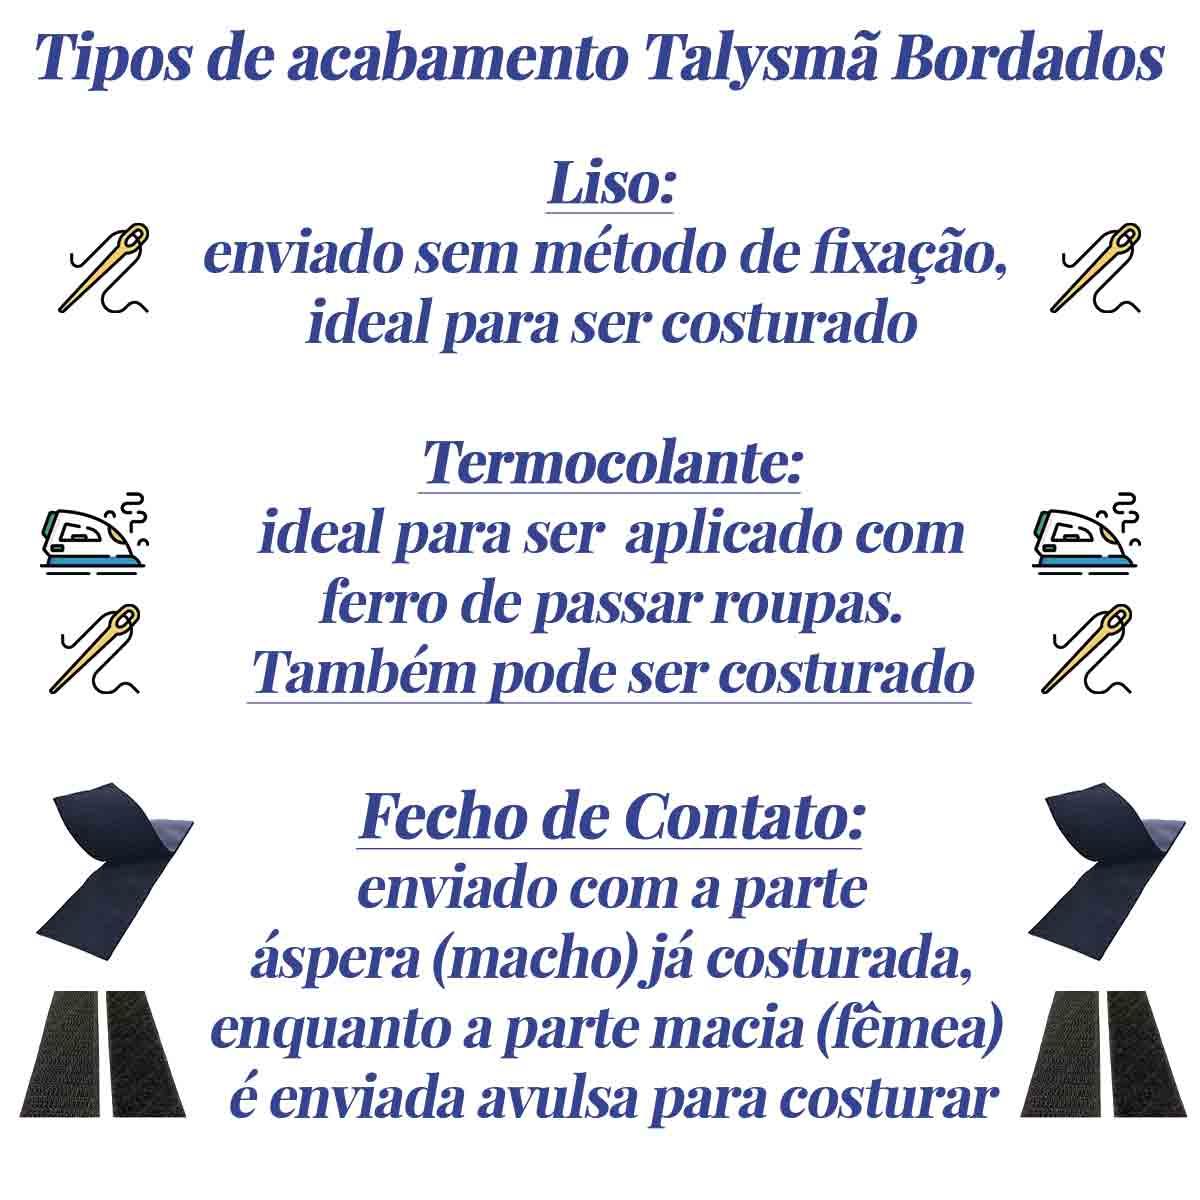 Patch Bordado - Caveira Justiceiro The Punisher DV80375-240  - Talysmã Bordados